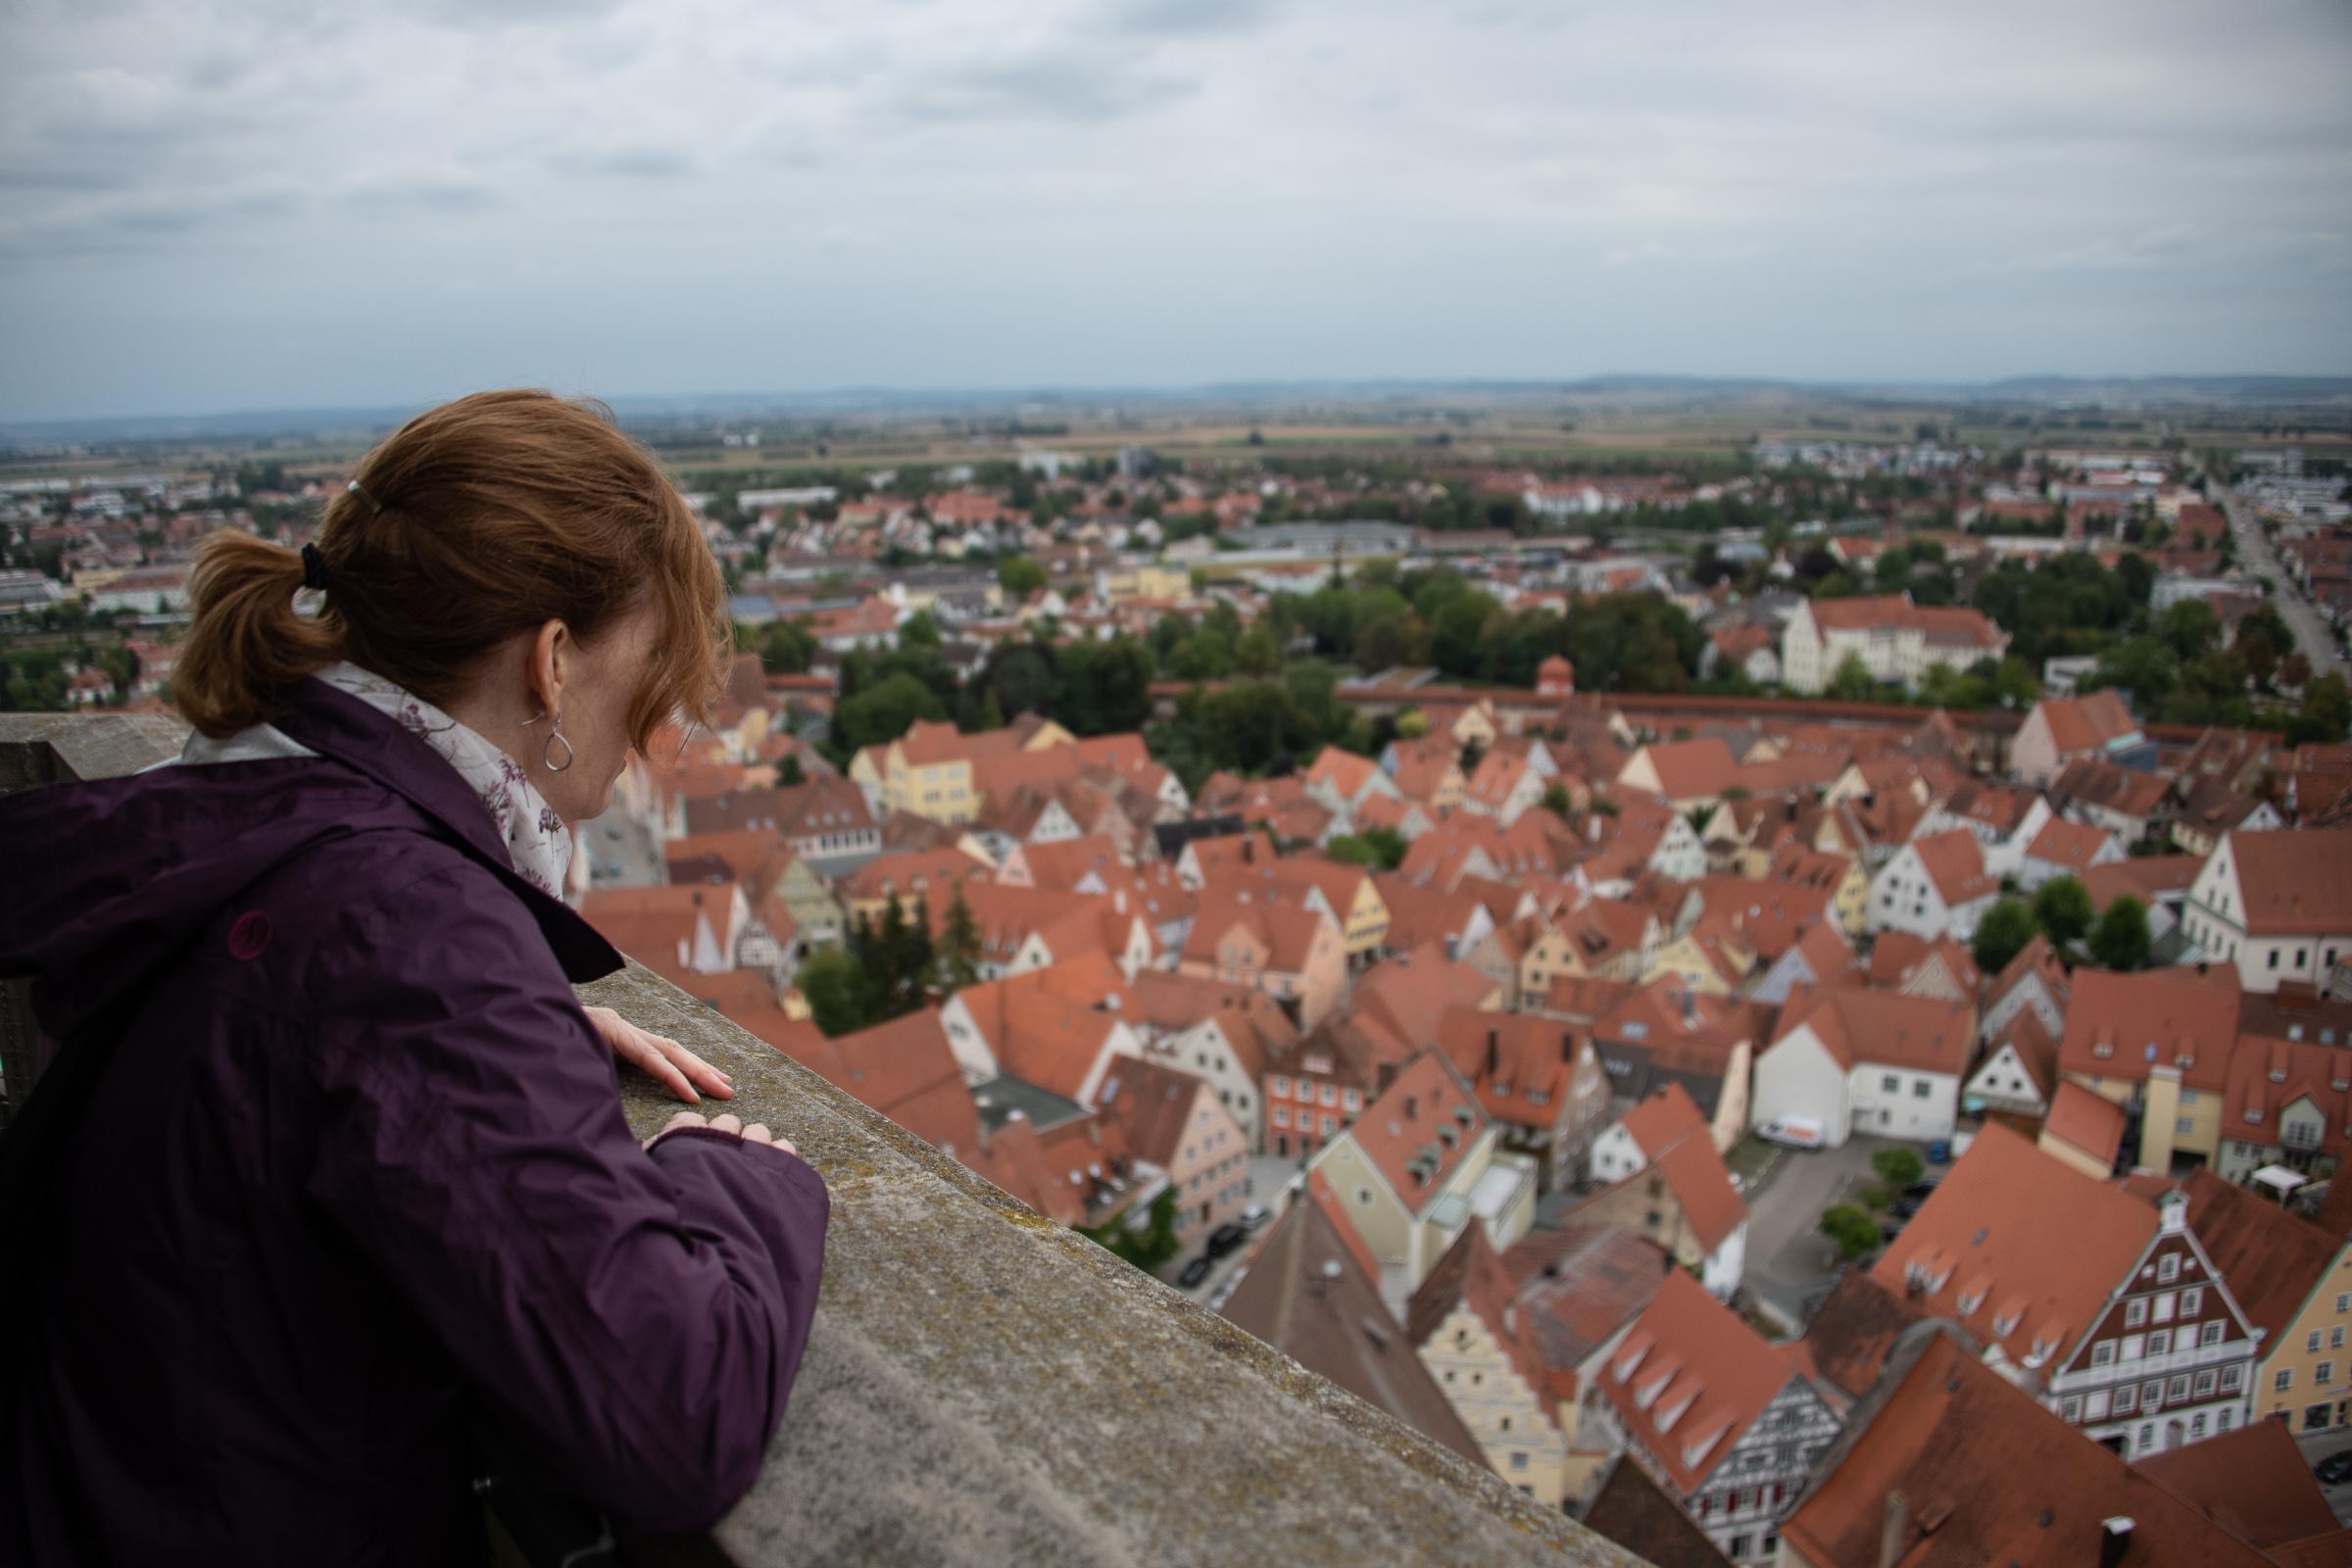 Melissa peering over the steeple ledge